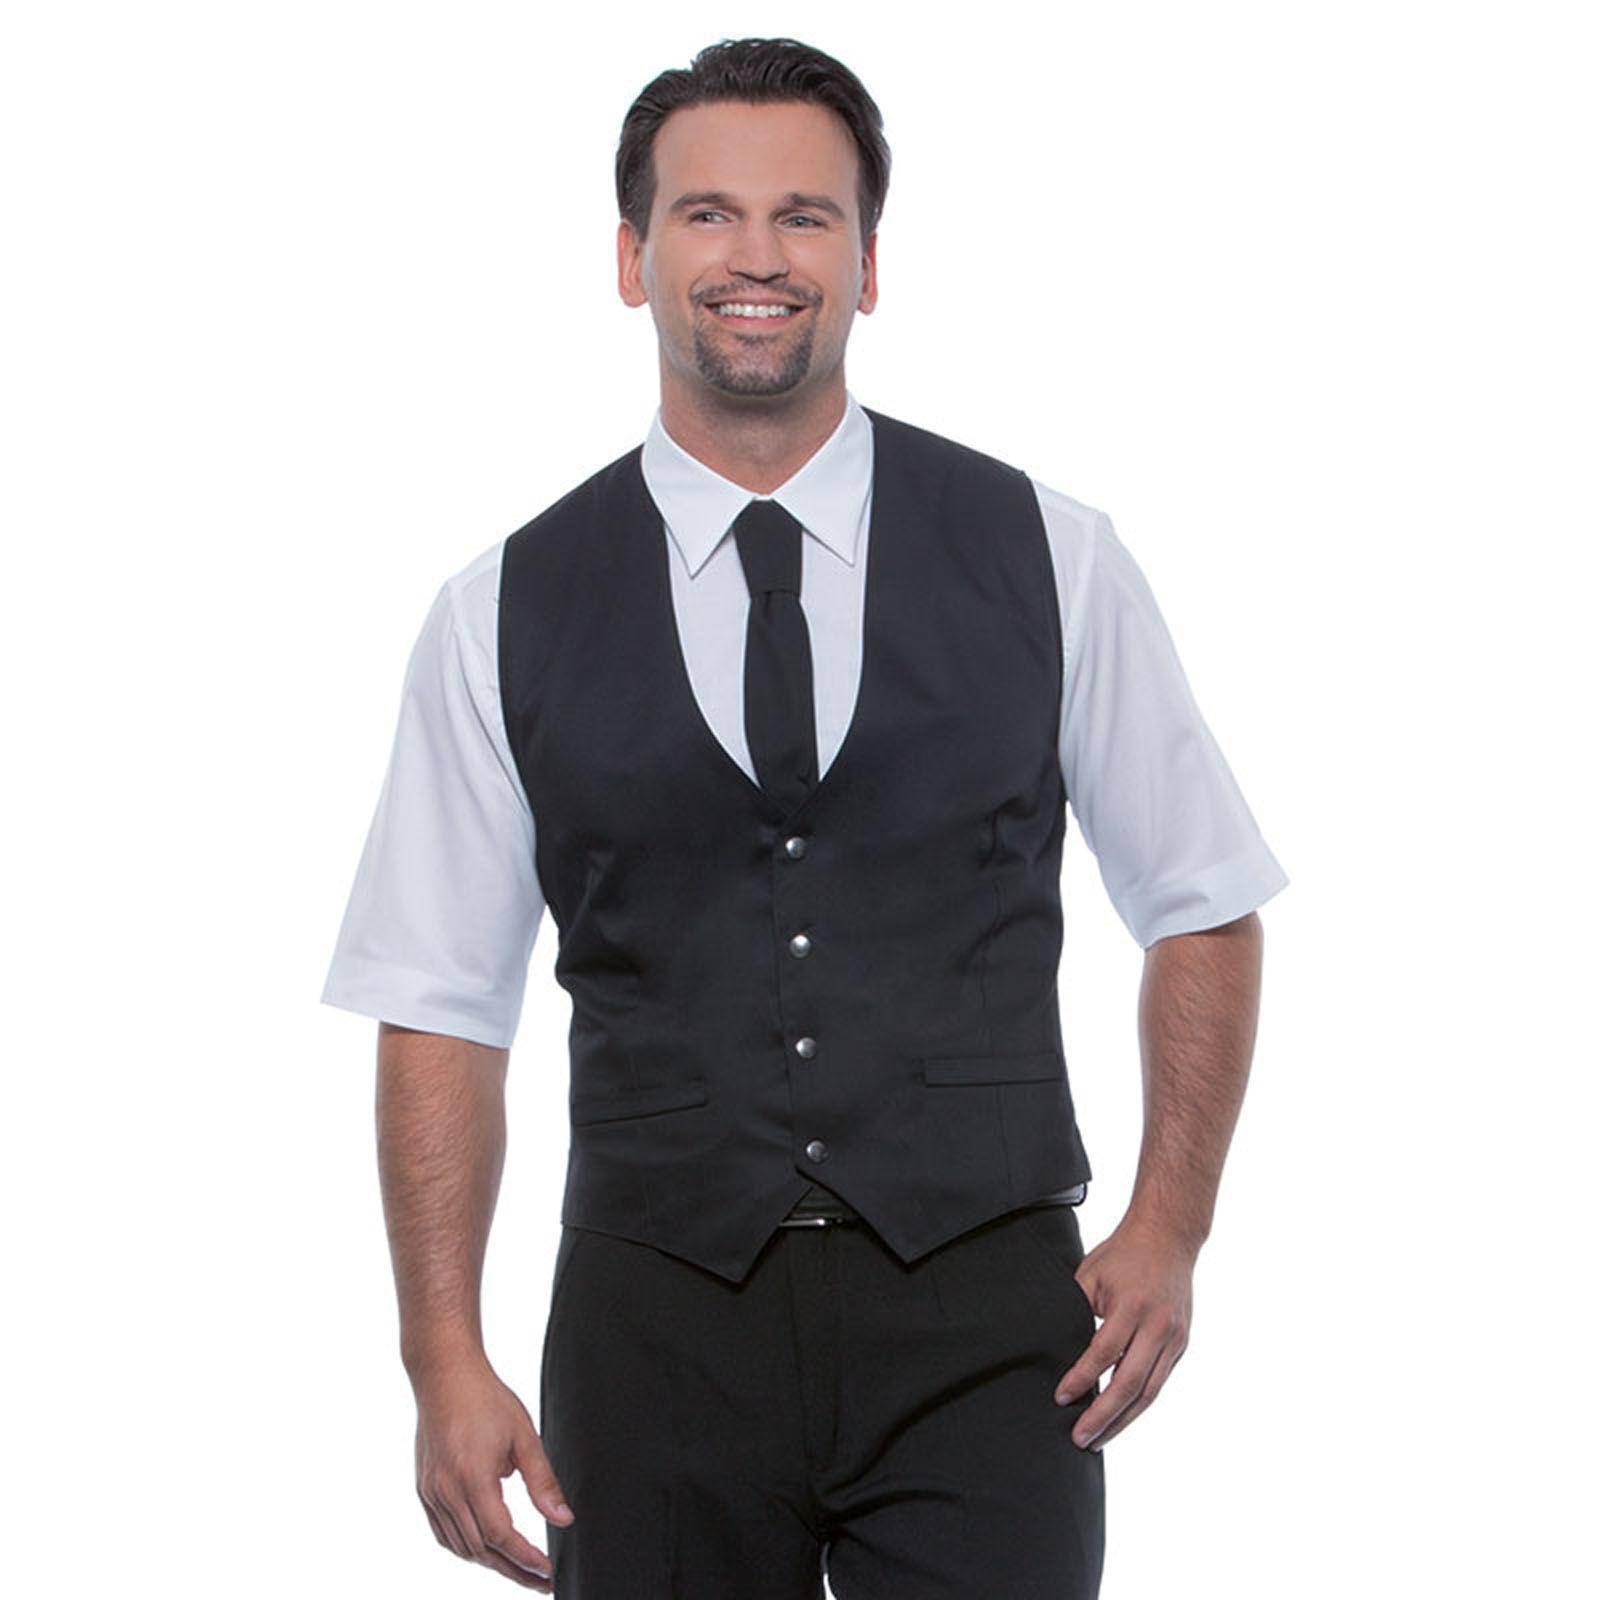 Comment bien choisir un gilet homme? - Préférez un gilet sans manches pour les occasions particulières. Cette coupe conviendra aux hommes de diverses morphologies et sera complétée par une veste de costume.